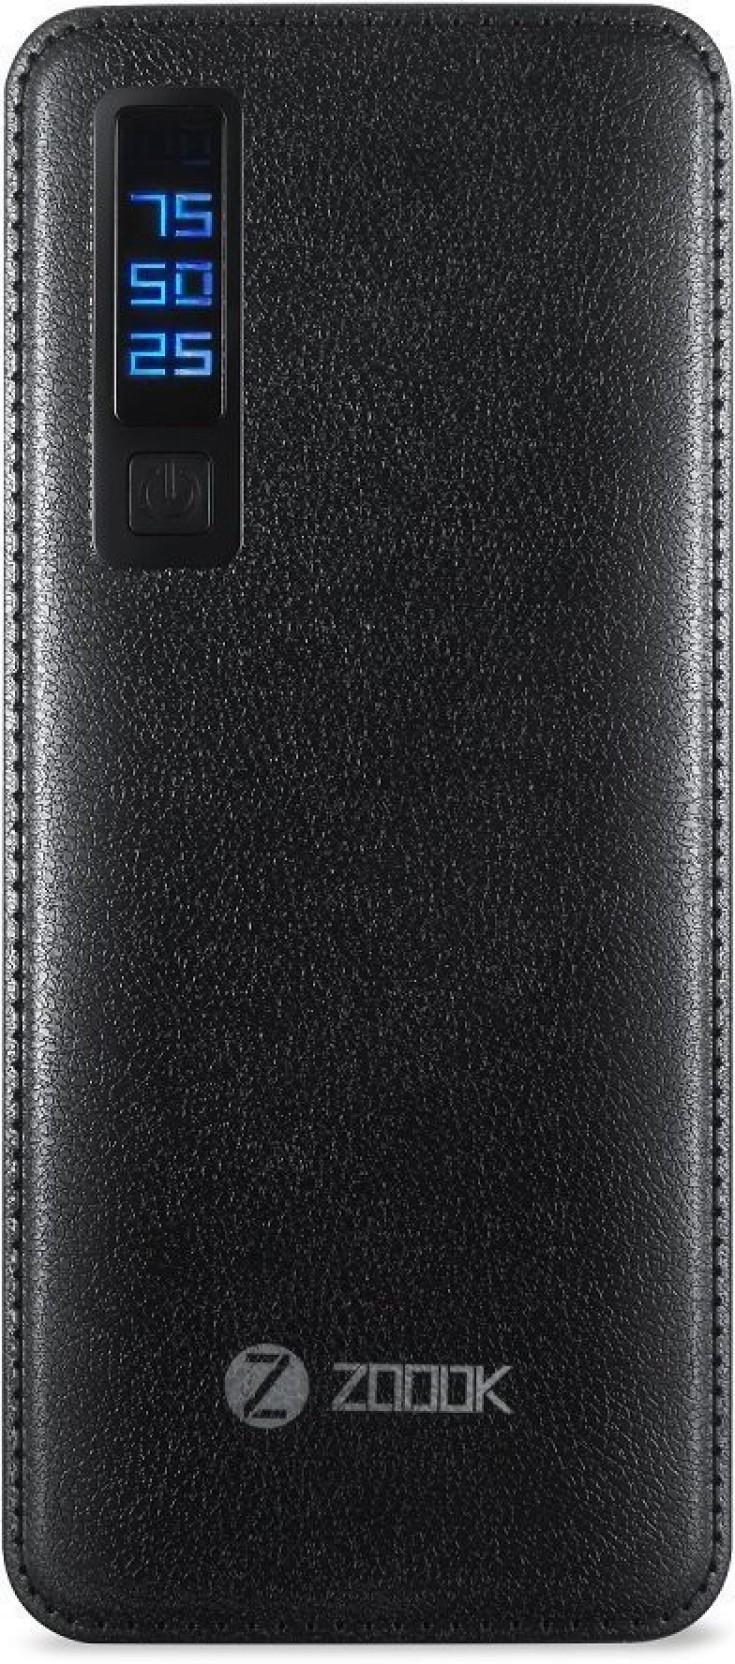 Zoook 12000 Mah Power Bank Pb125b 12000mah Bestseller Xiaomi Powerbank 10000mah Mi Pro 2 10000 Fast Charging Home